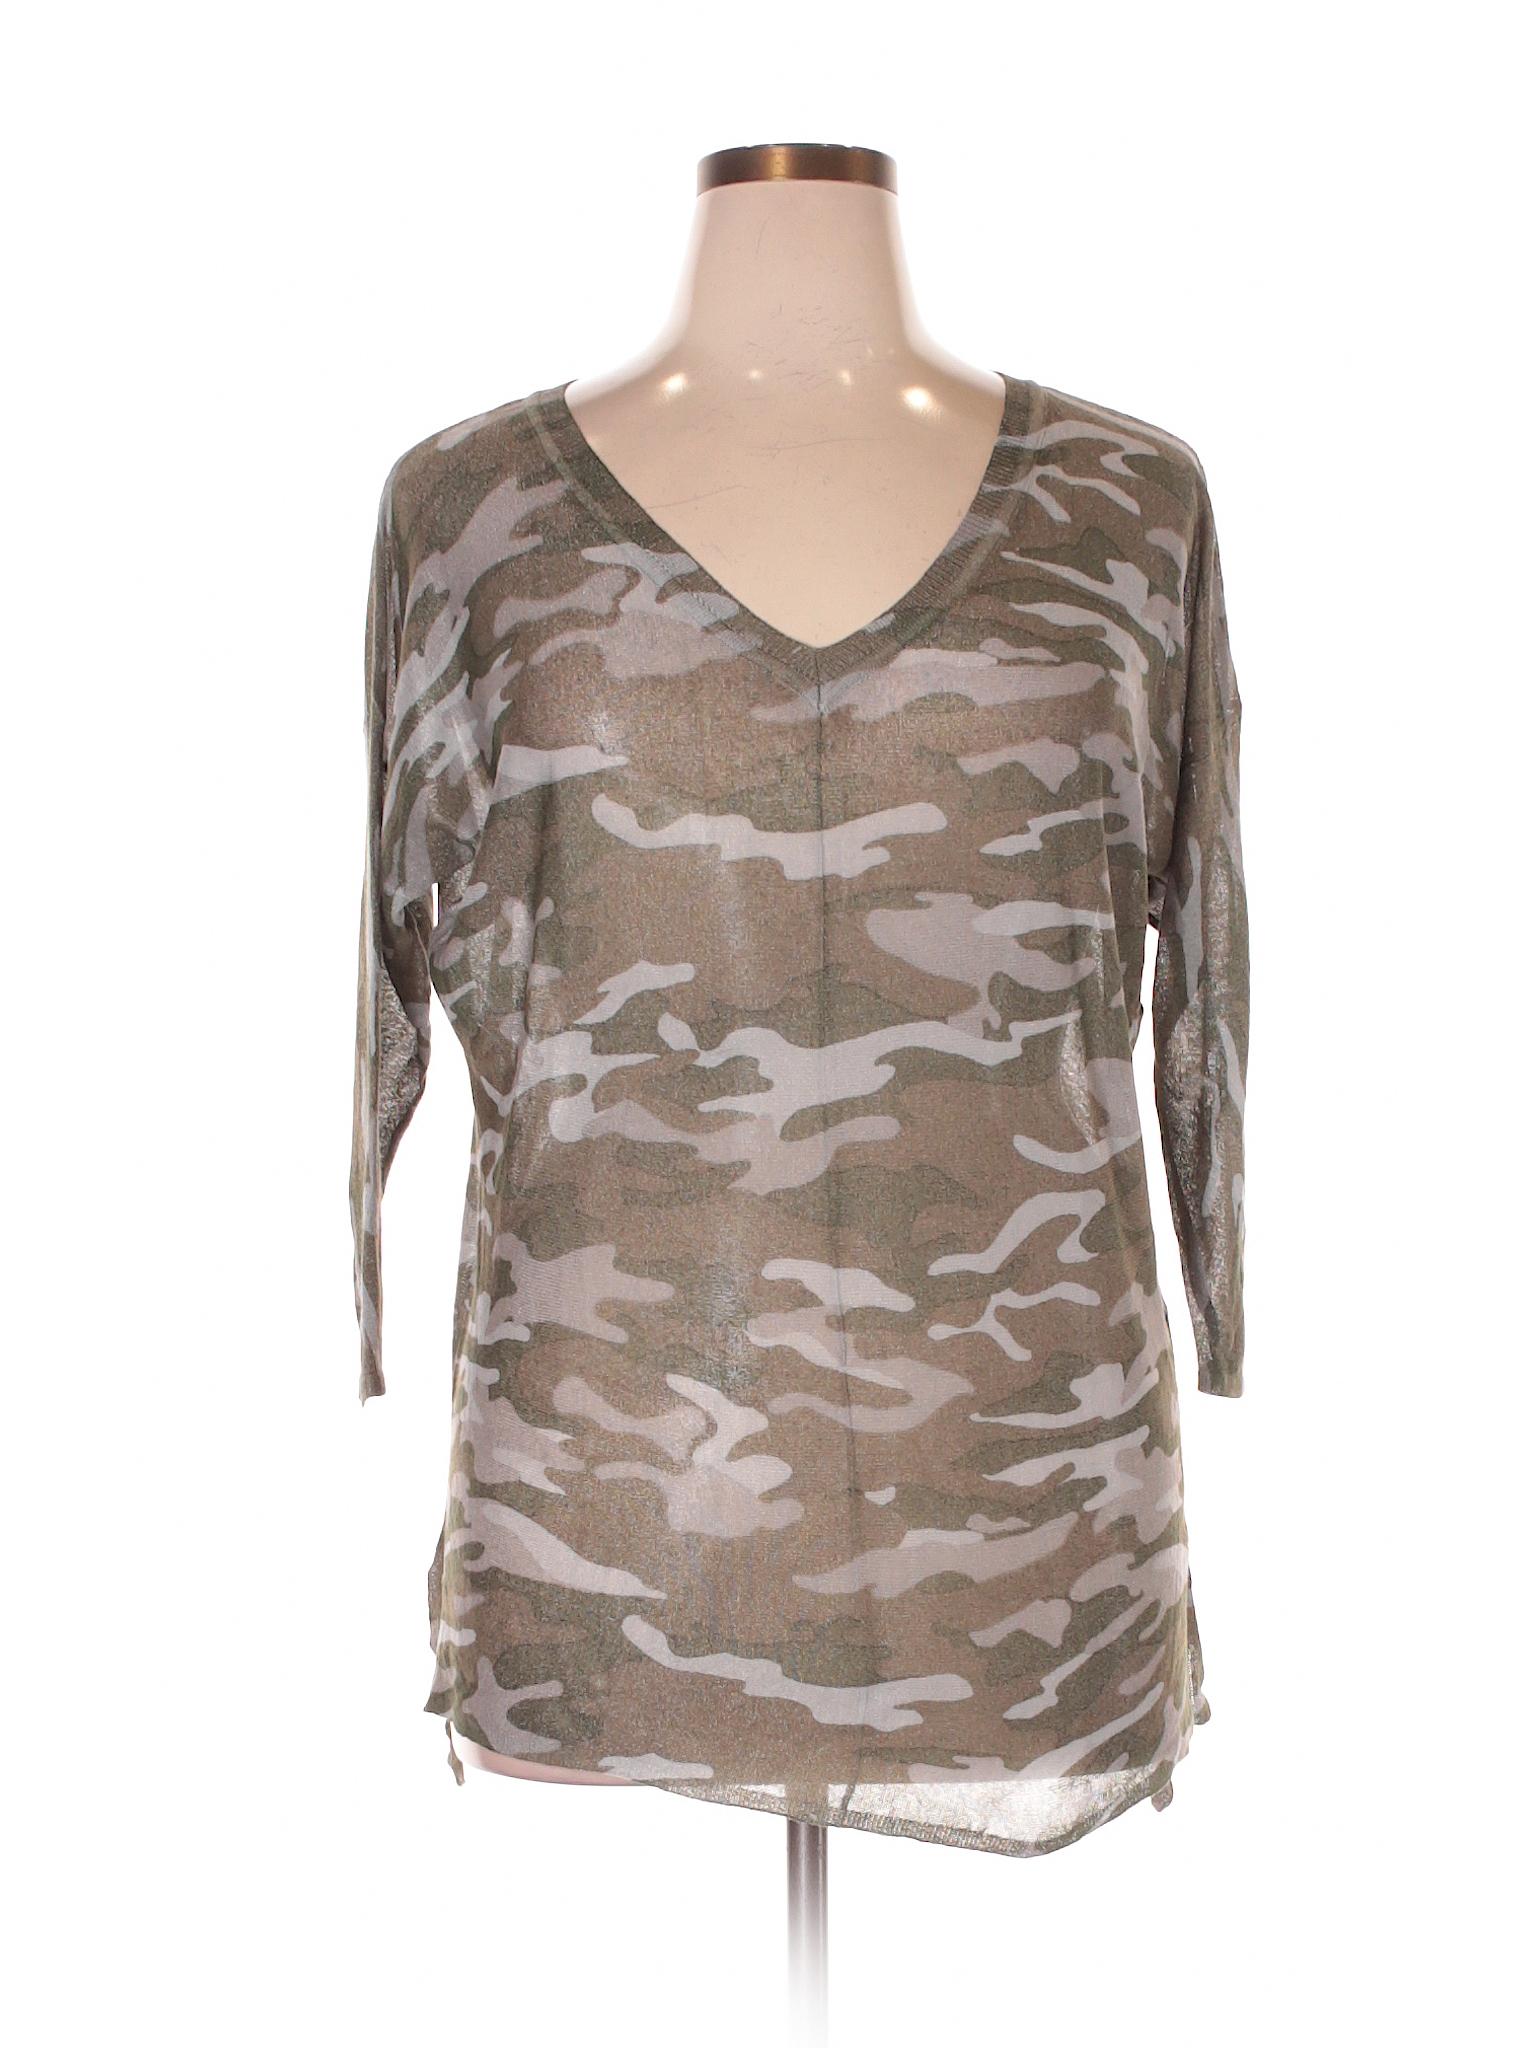 Pullover Boutique Lane Lane Sweater Boutique Bryant dI88q0w